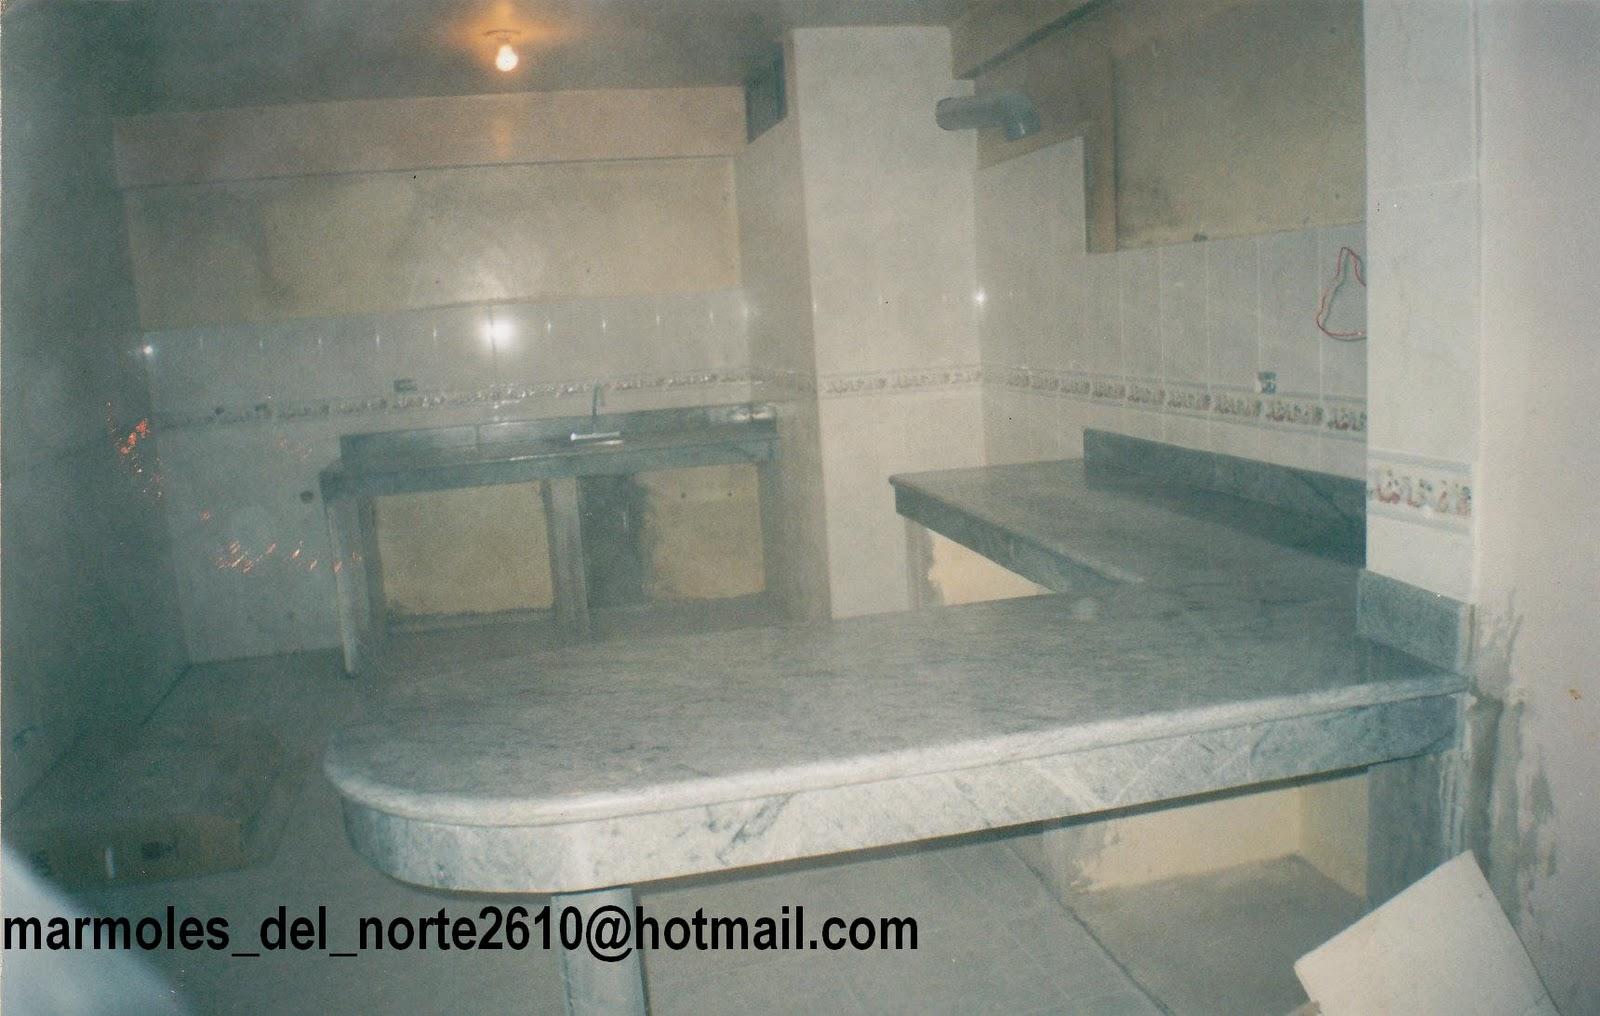 Marmoles del norte trabajos en marmol nacional e for Mesones para cocina